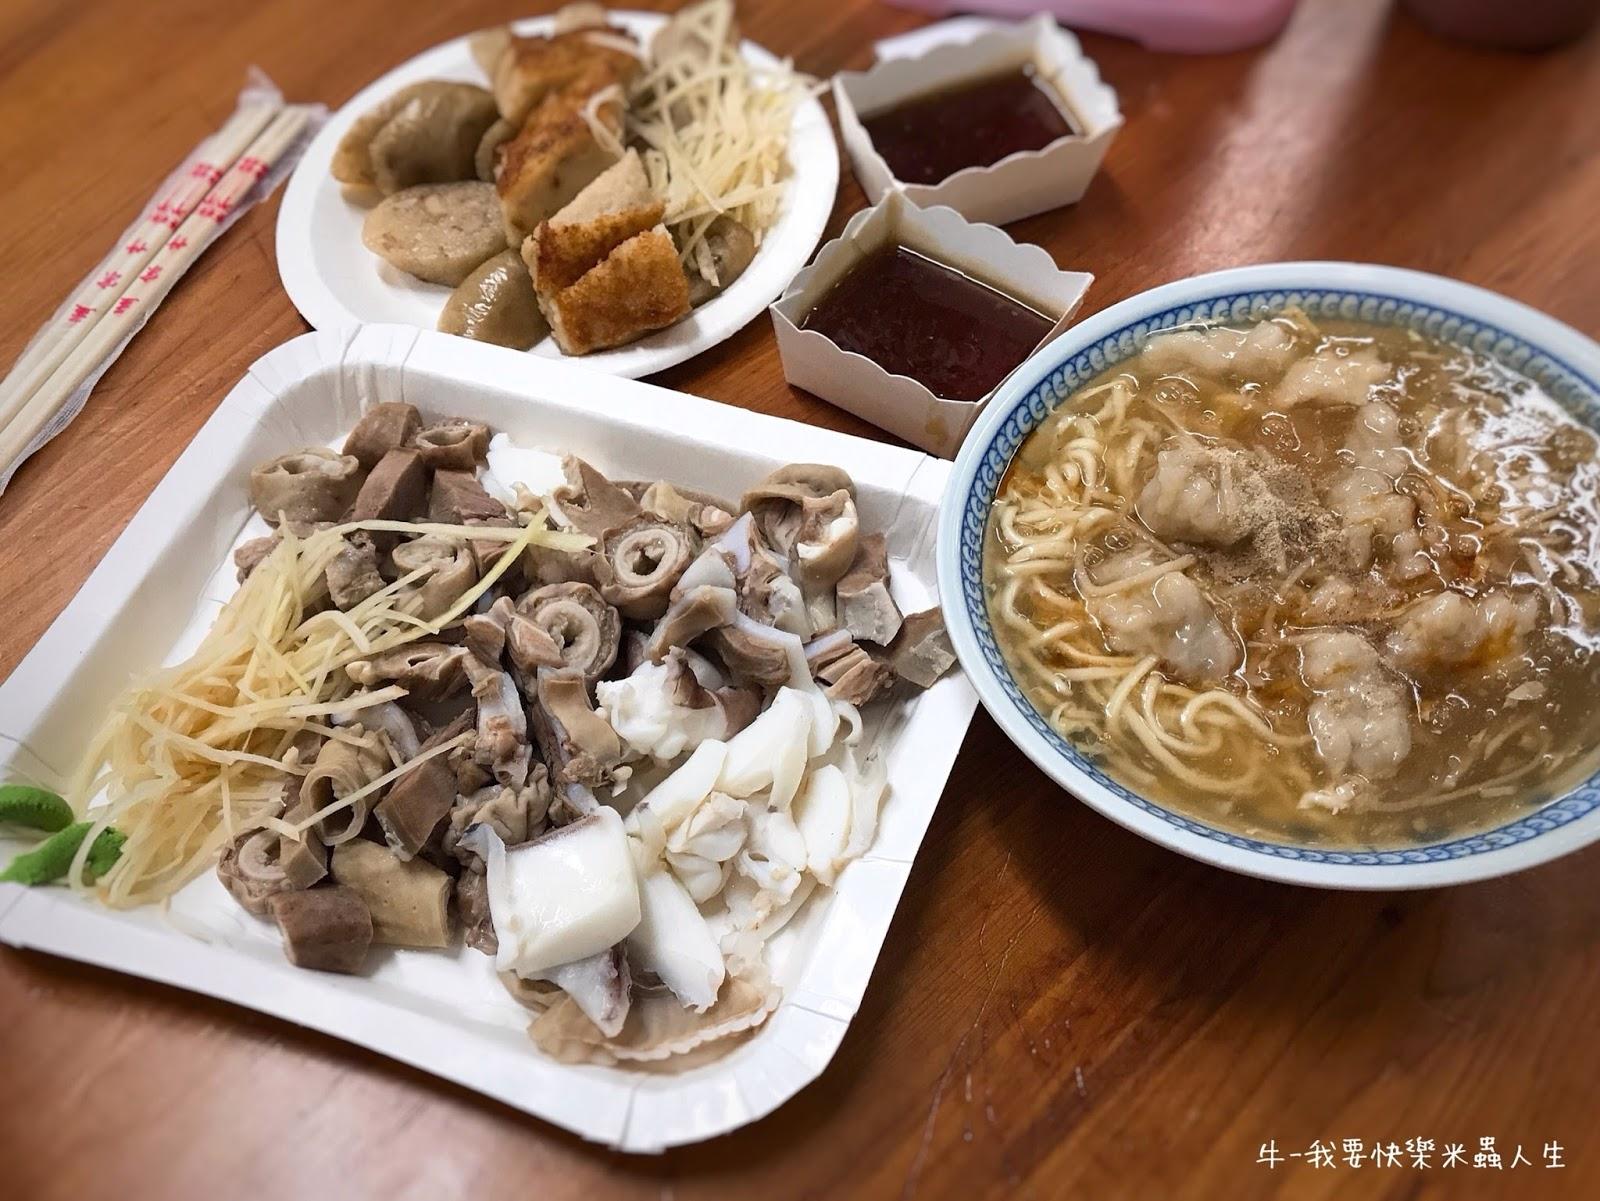 【嘉義食記】樸子車站黑白切 充滿人情味的傳統小食